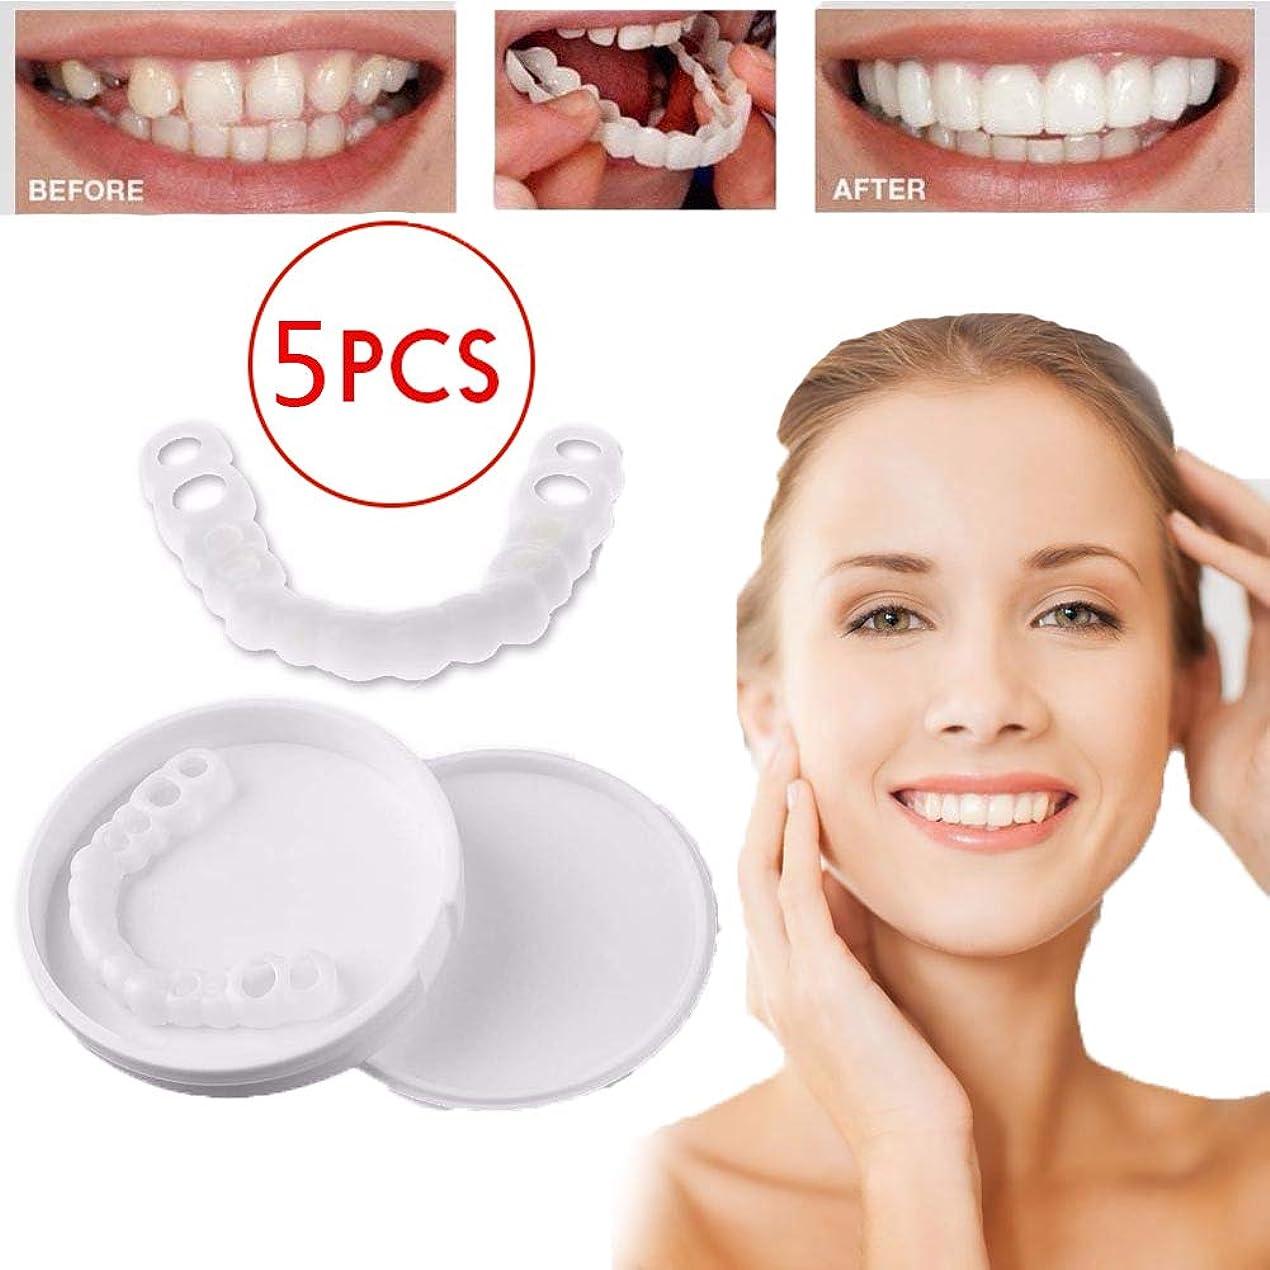 ダイヤモンド陰気解明するインスタント快適なフレックスパーフェクトベニアの歯のスナップキャップを白くする6個の一時的な歯,5pcslowerteeth